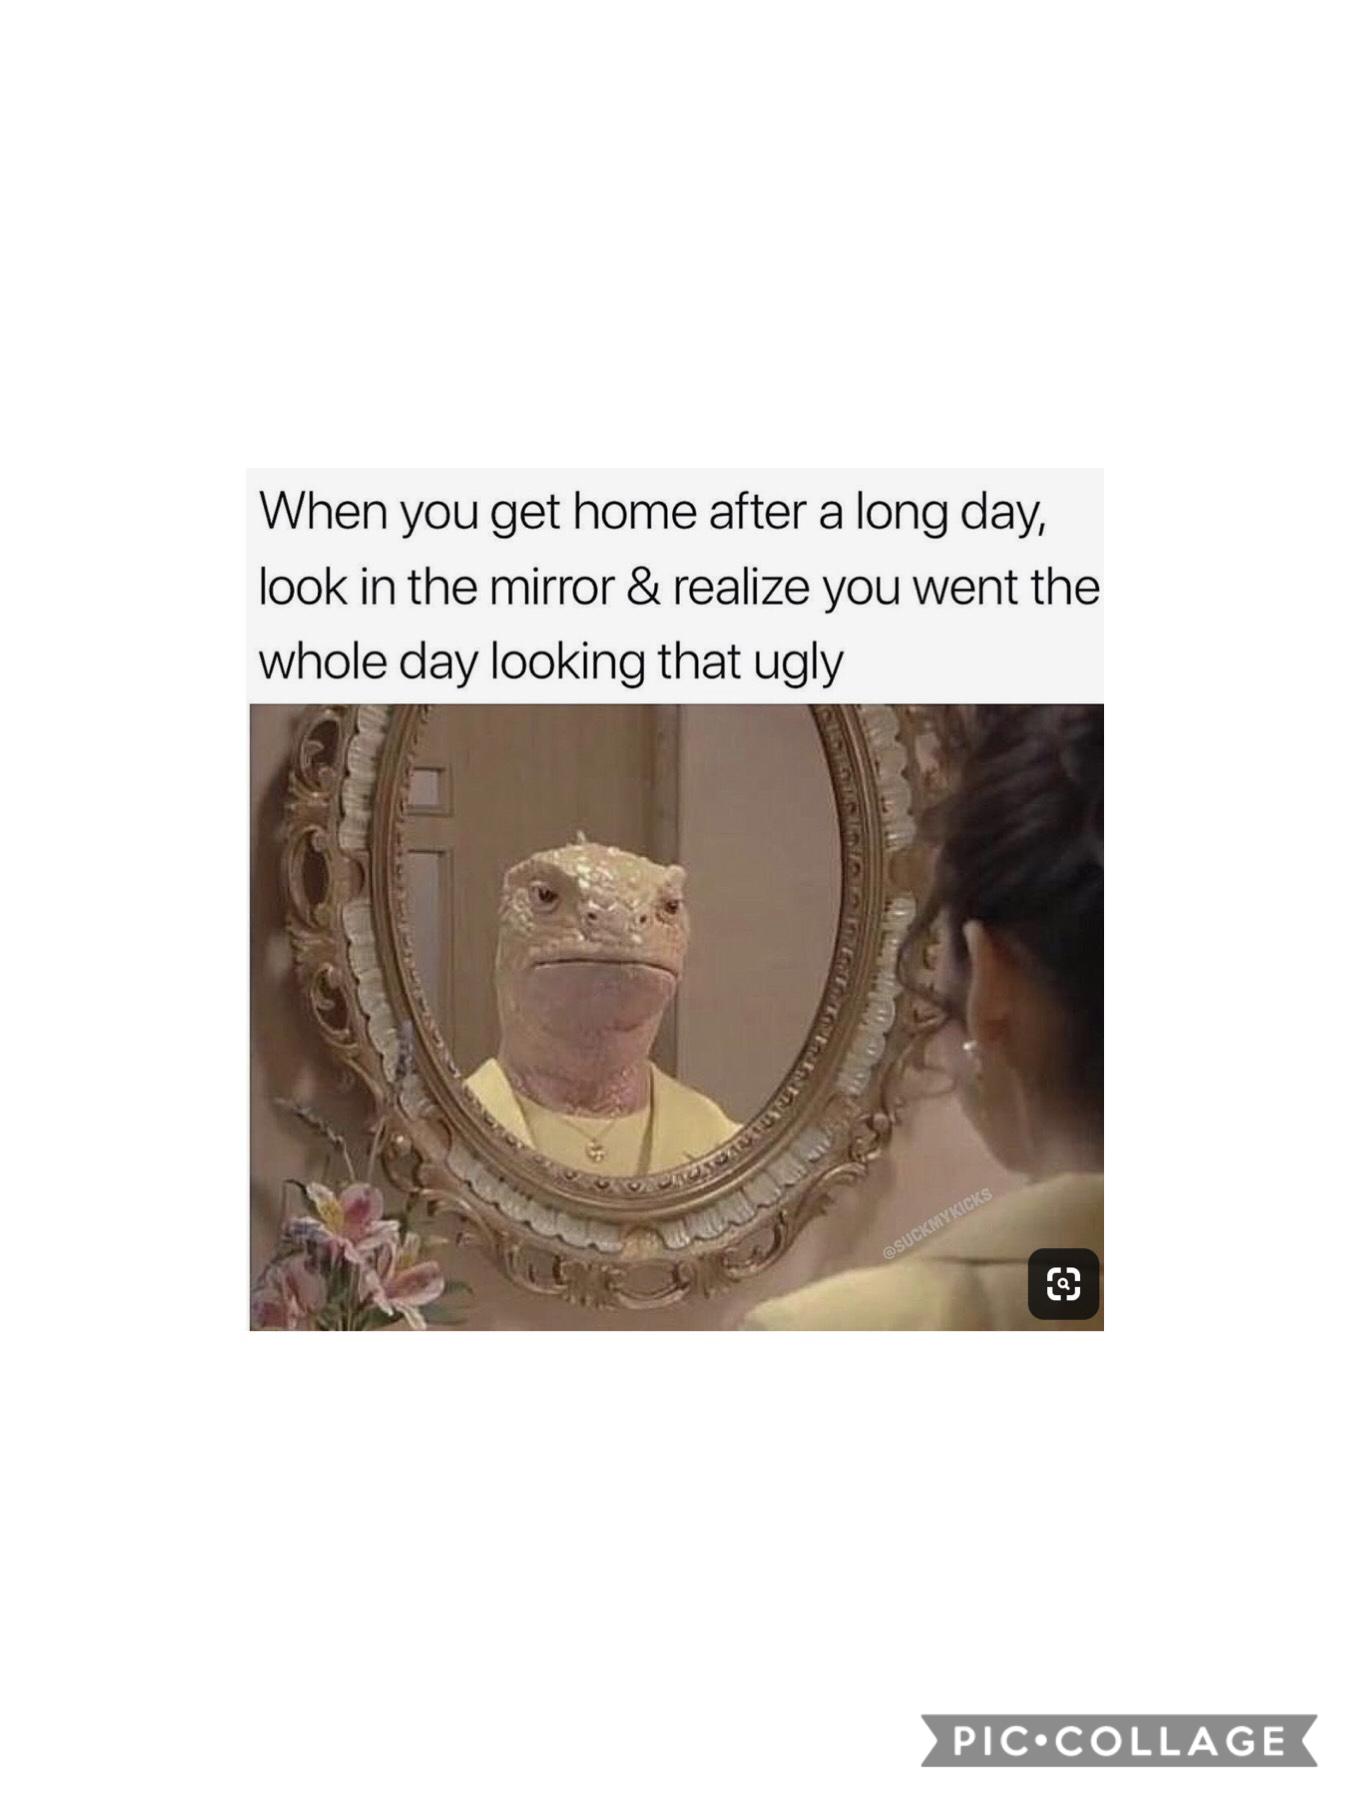 daily meme #6